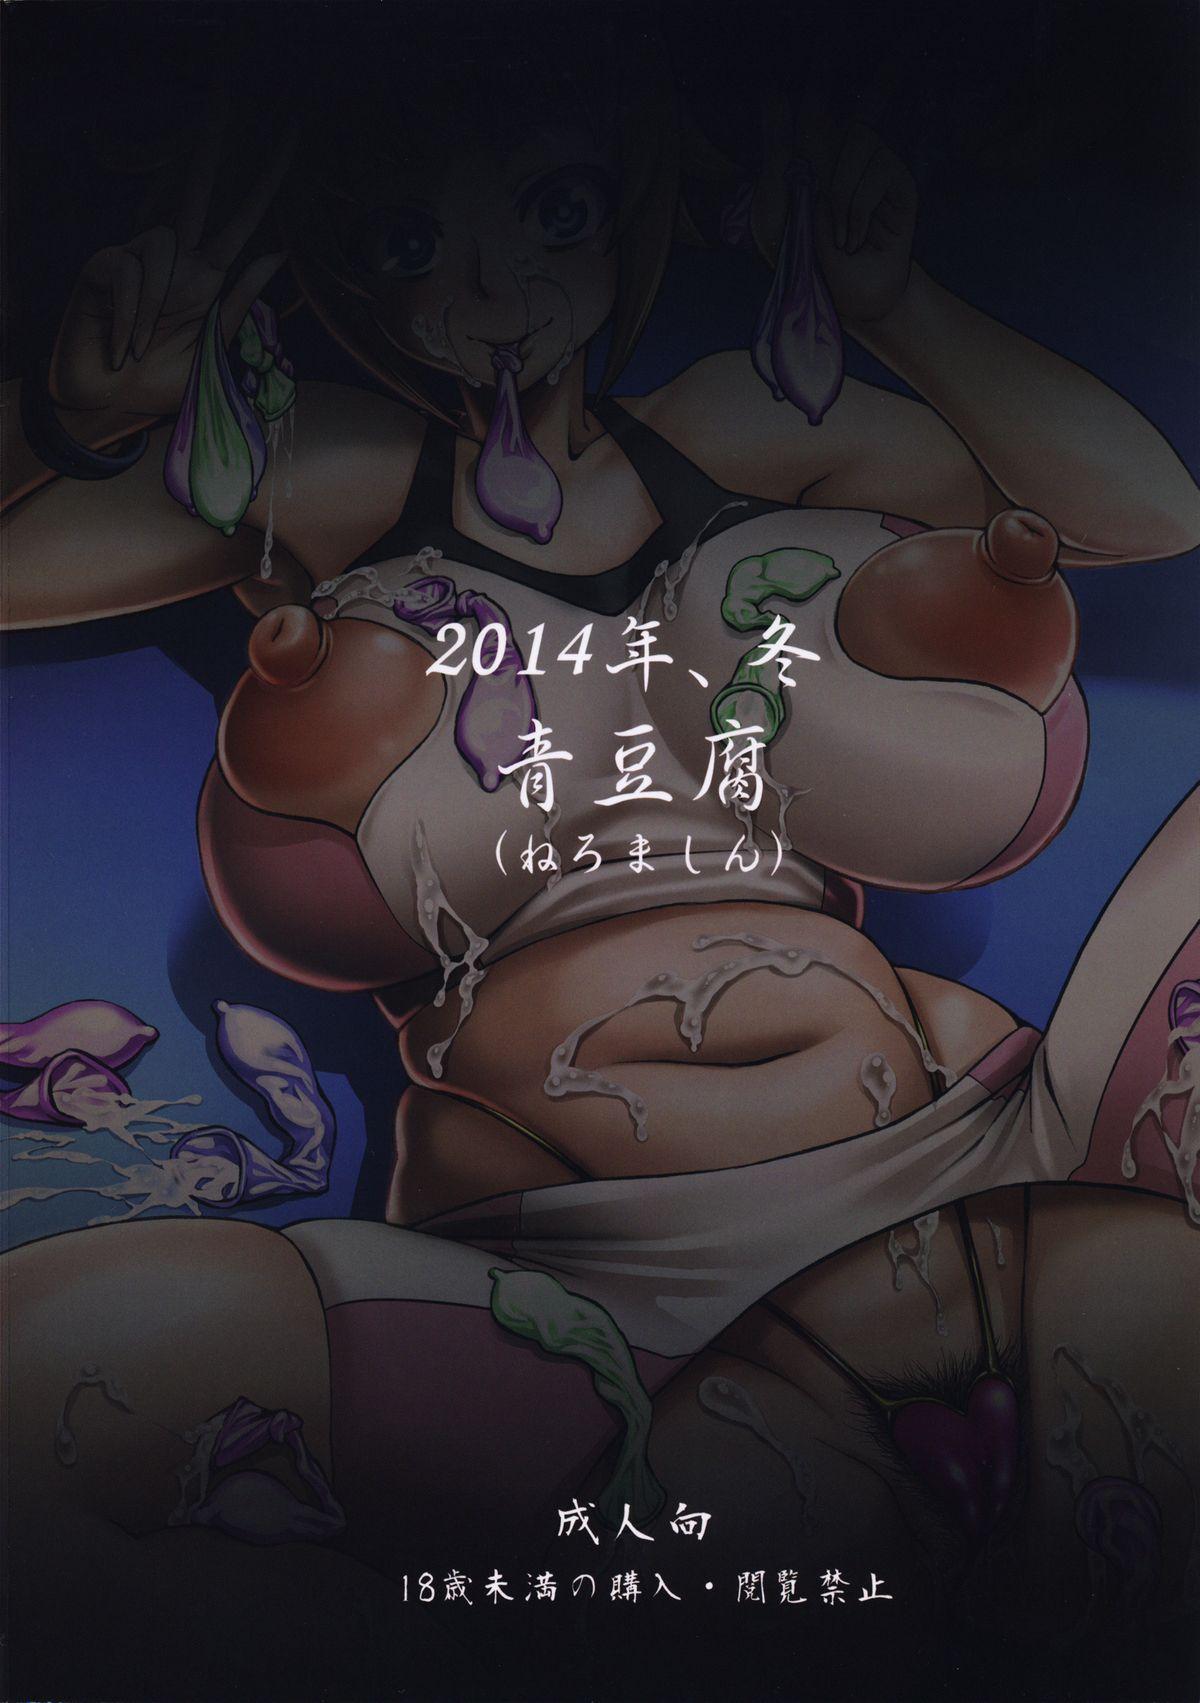 Sennou Fumina + Omakebon 25